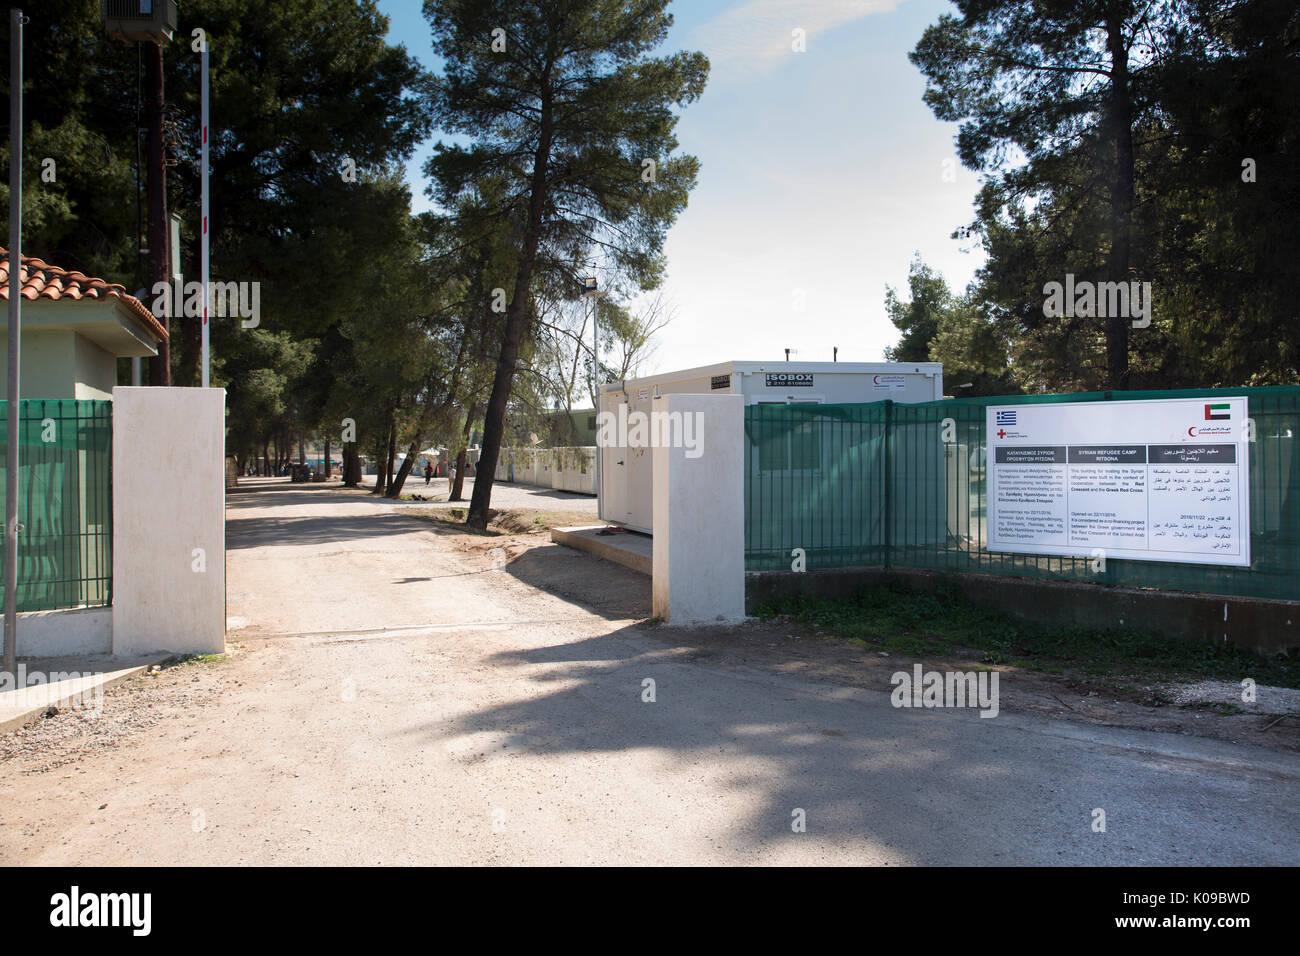 Eingangstor Ritsona Flüchtlingslager mit einem Schild in Griechisch, Englisch und Arabisch, die von Zusammenarbeit der Griechischen Roten Kreuz und Roten Halbmond Emirates. Stockbild